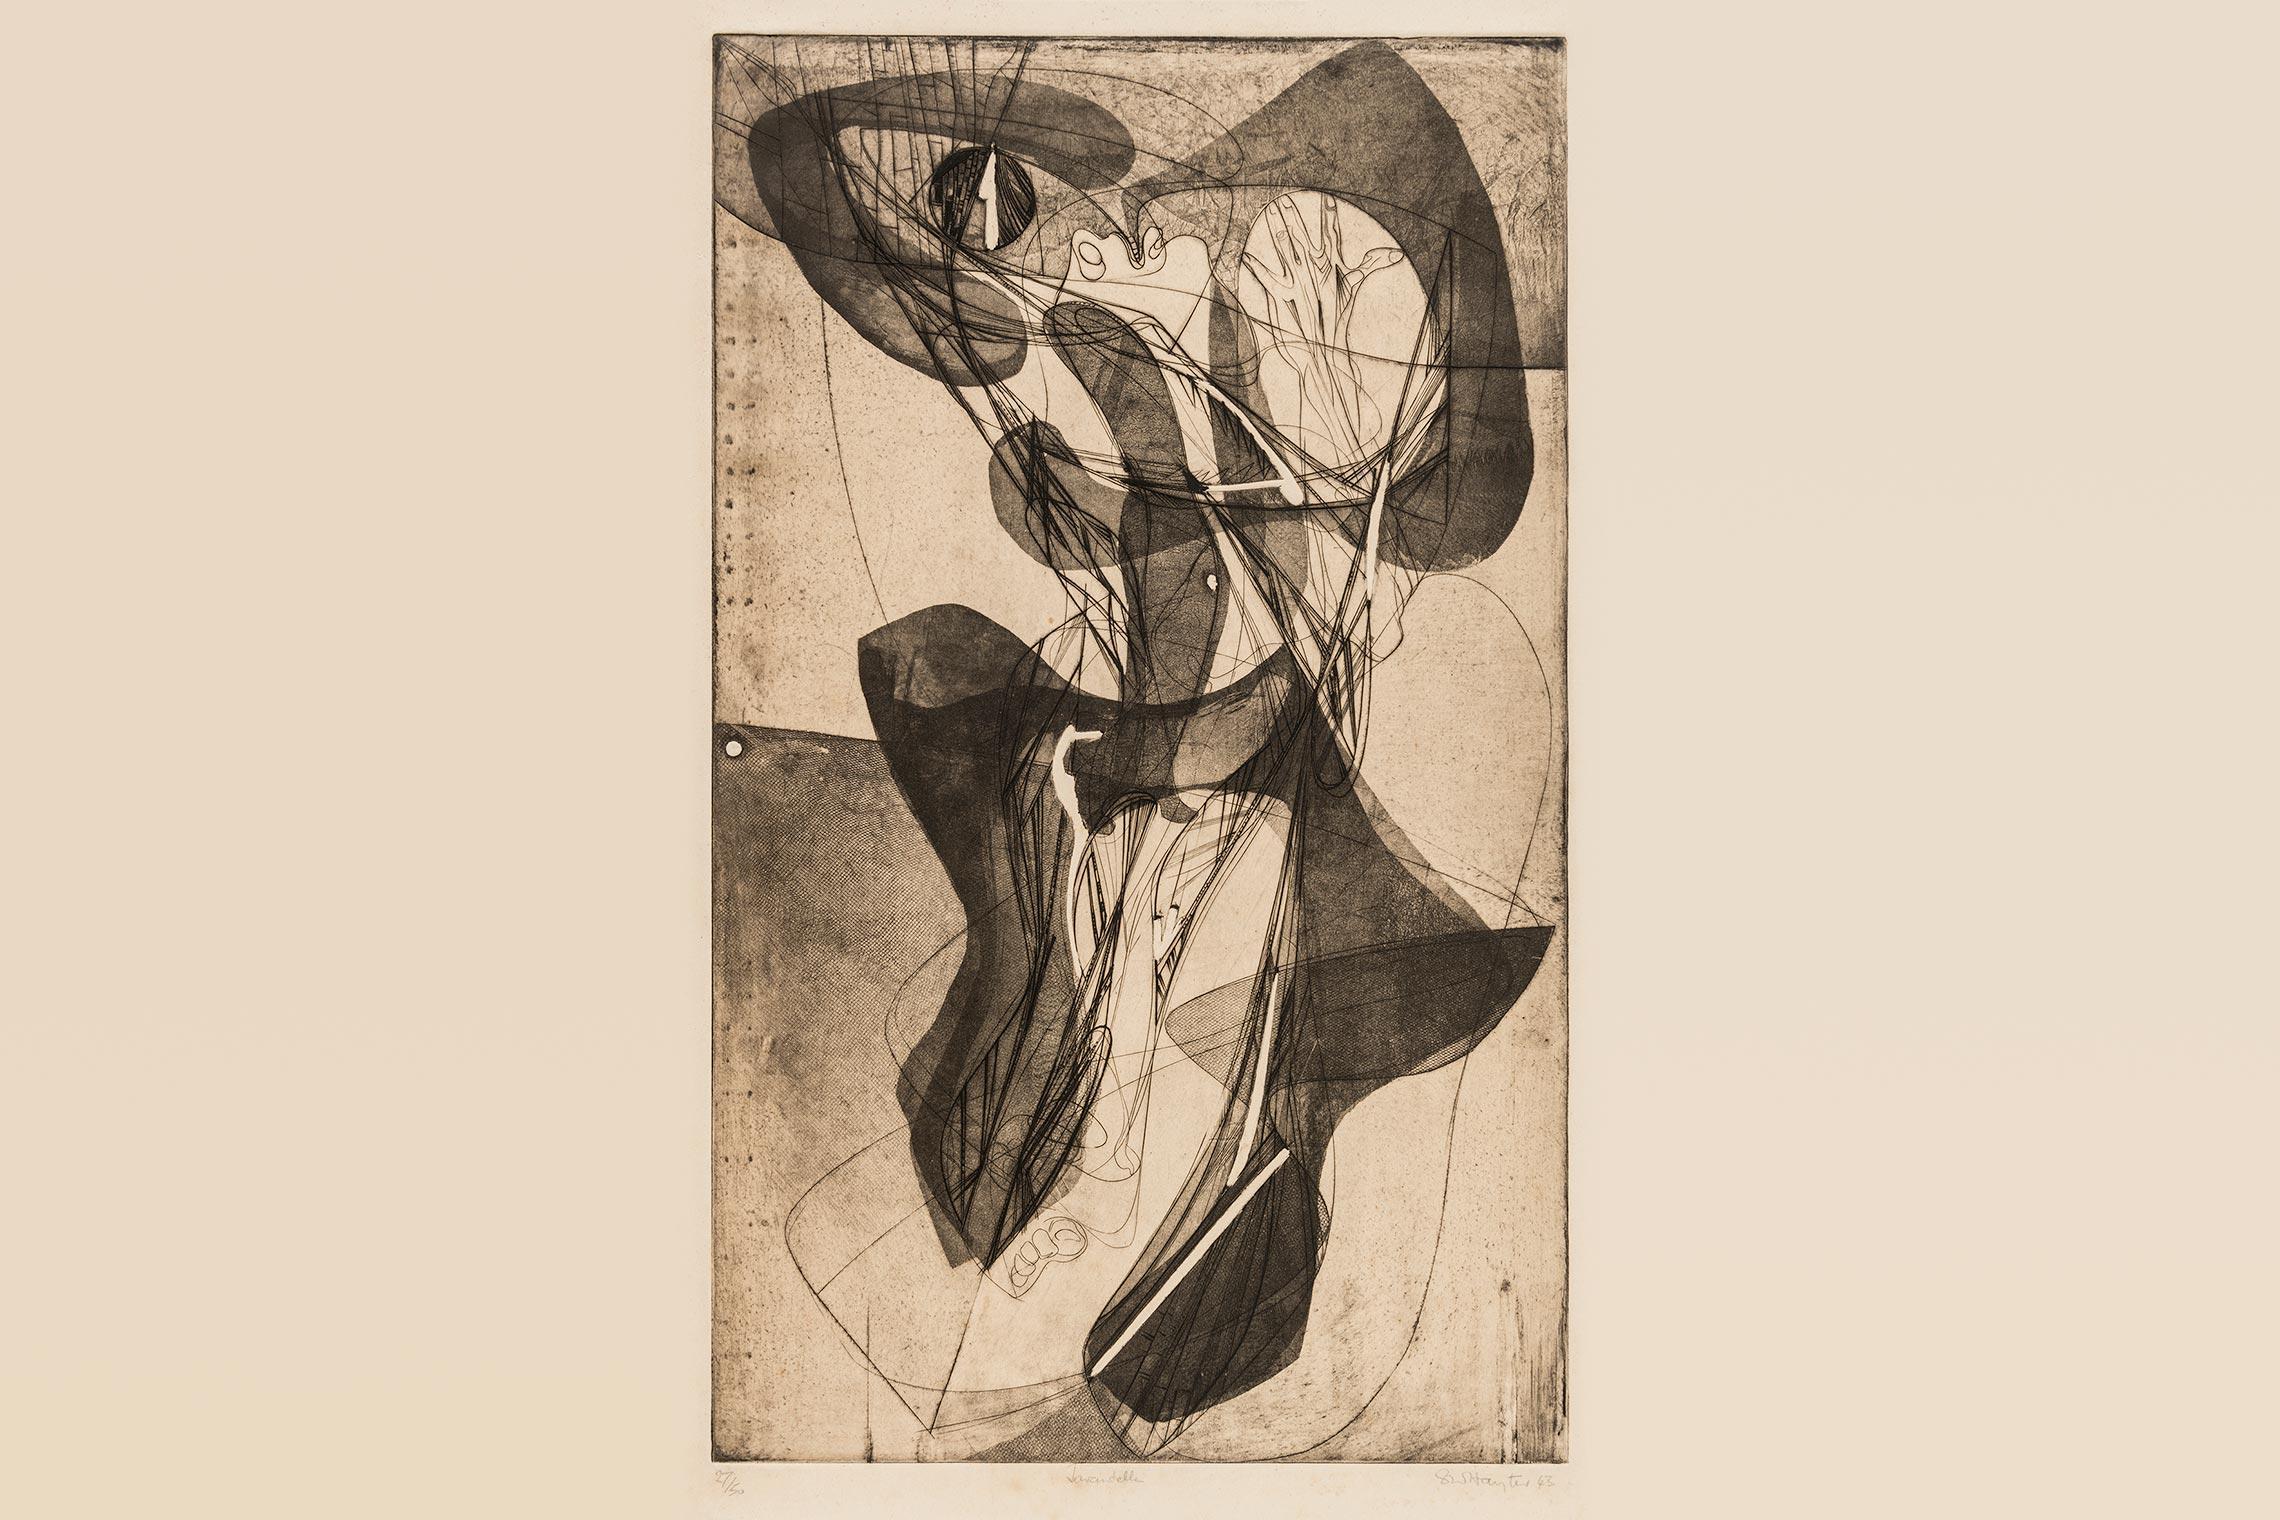 O britânico Stanley William Hayter (1901-1988) fundou o Atelier 17 em Paris, em 1927, mas em 1940, após a invasão da França pelos nazistas alemães, se mudou para Nova York.